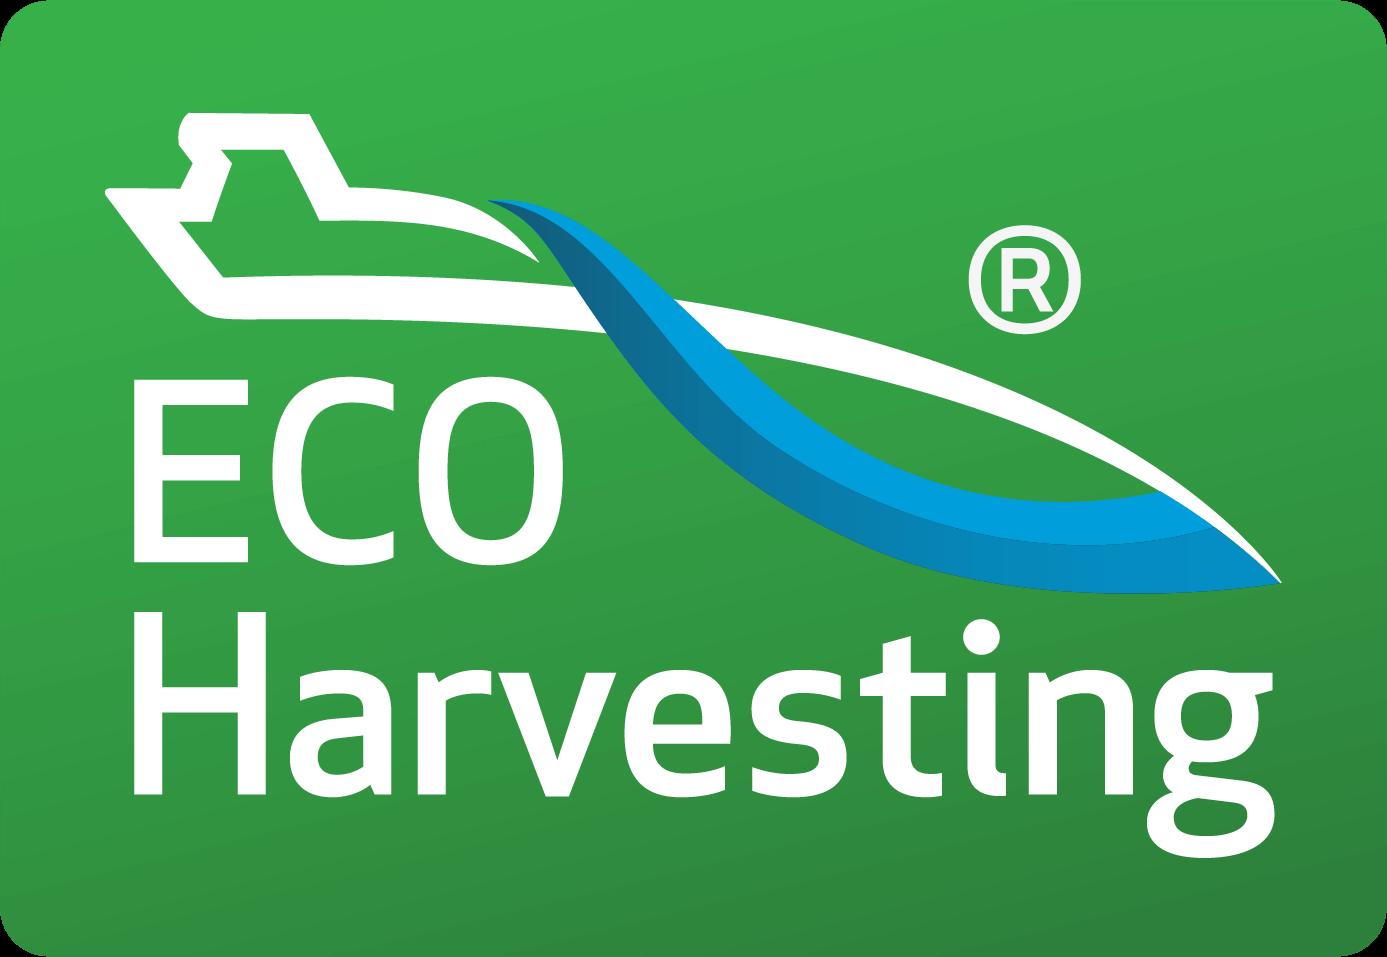 ECOHARVESTING-logo